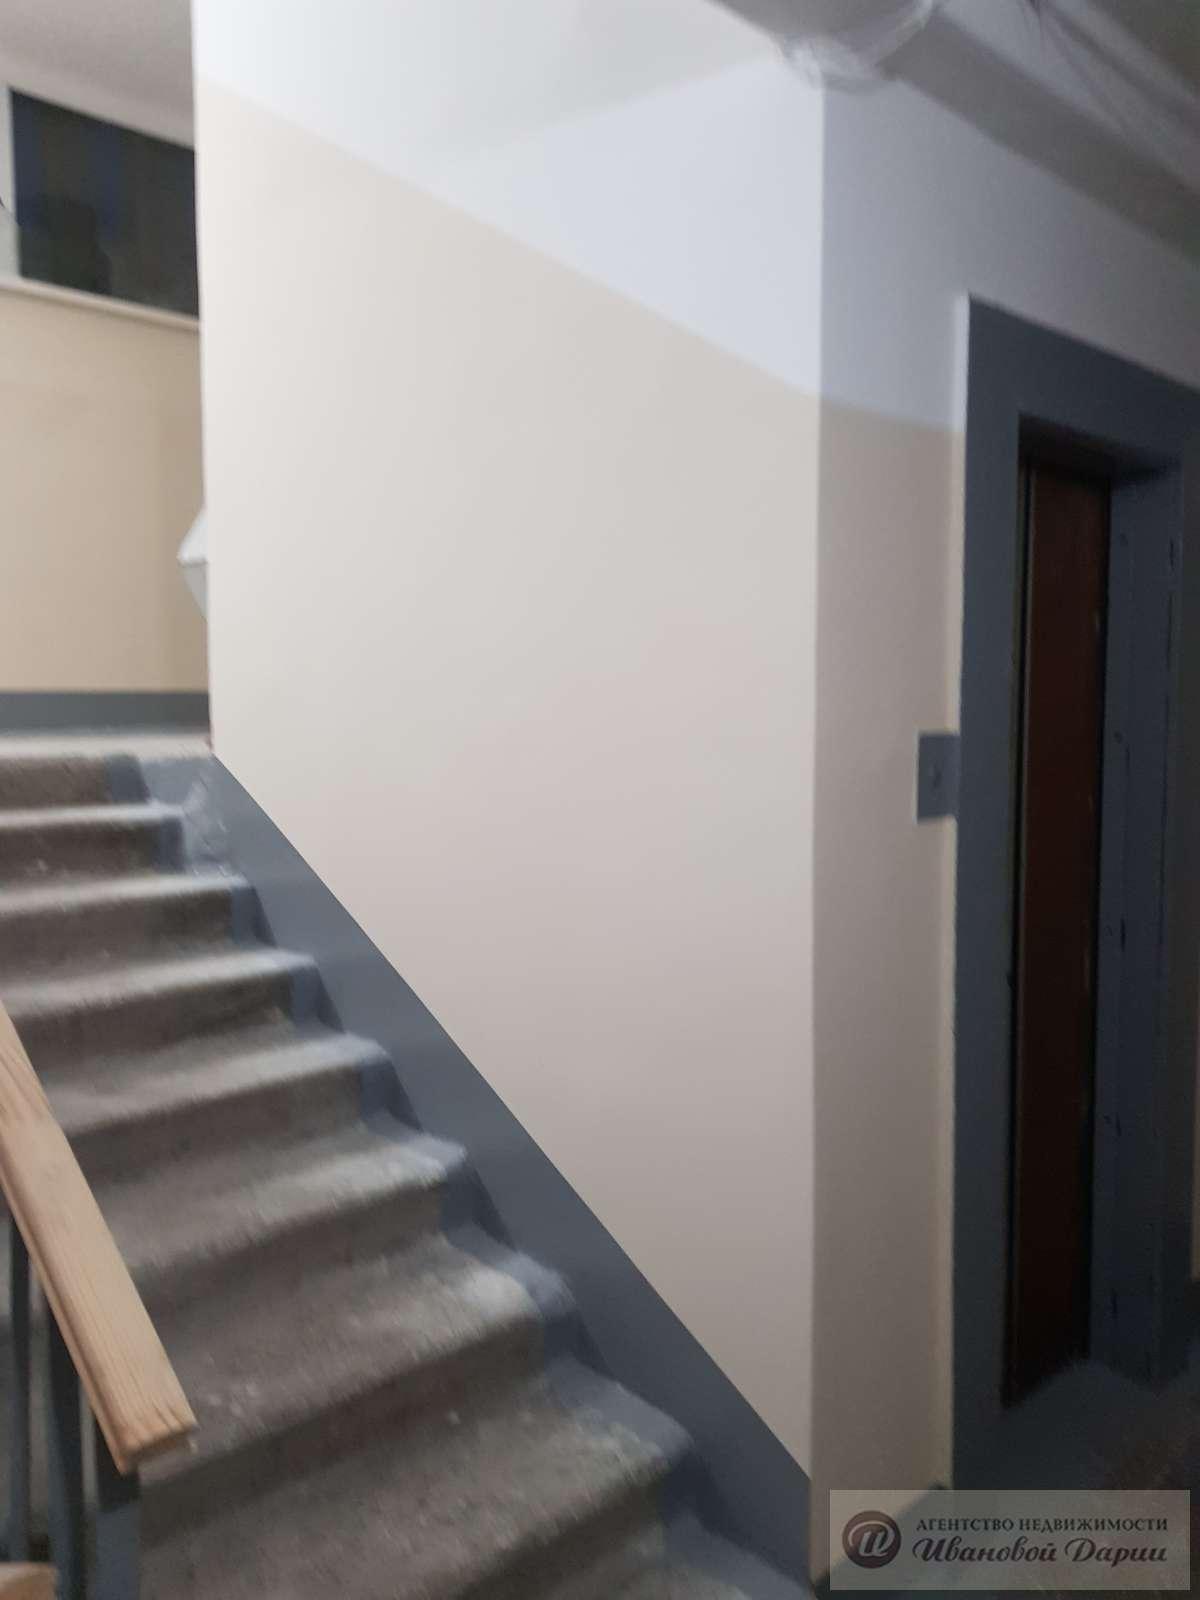 Продажа 2-комнатной квартиры, Самара, Ново-Садовая улица,  дом 317